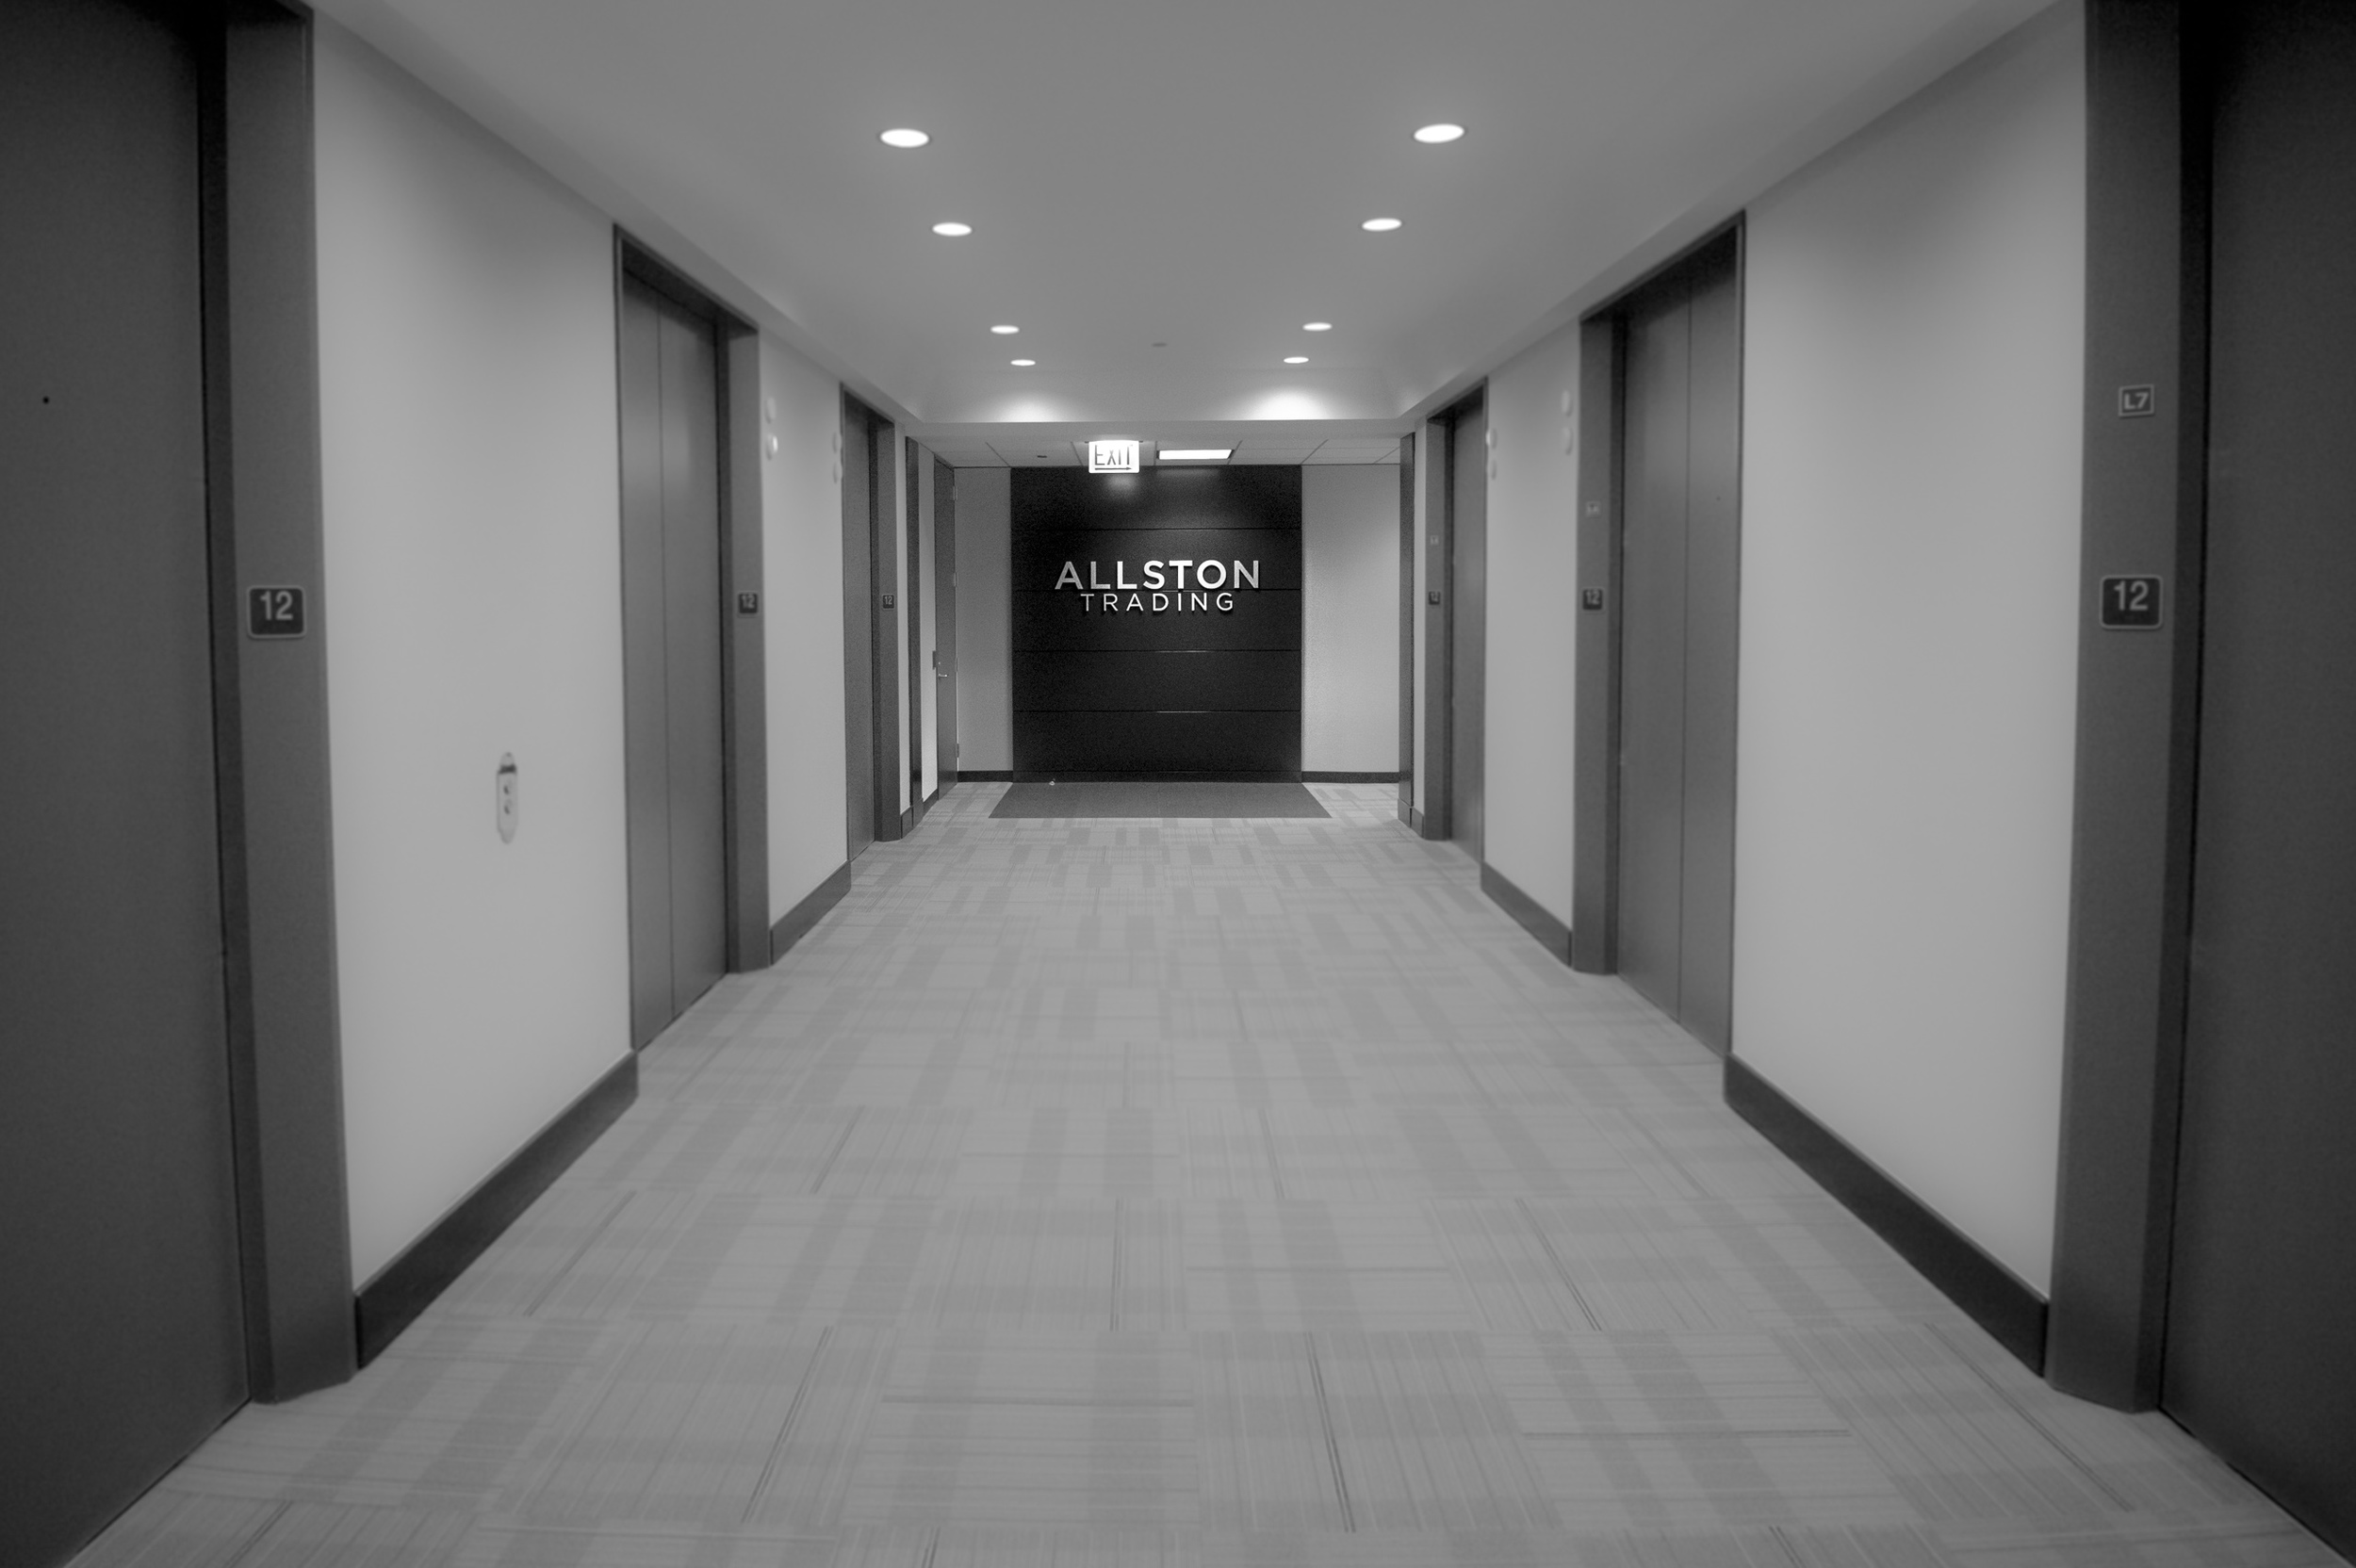 Allston Office